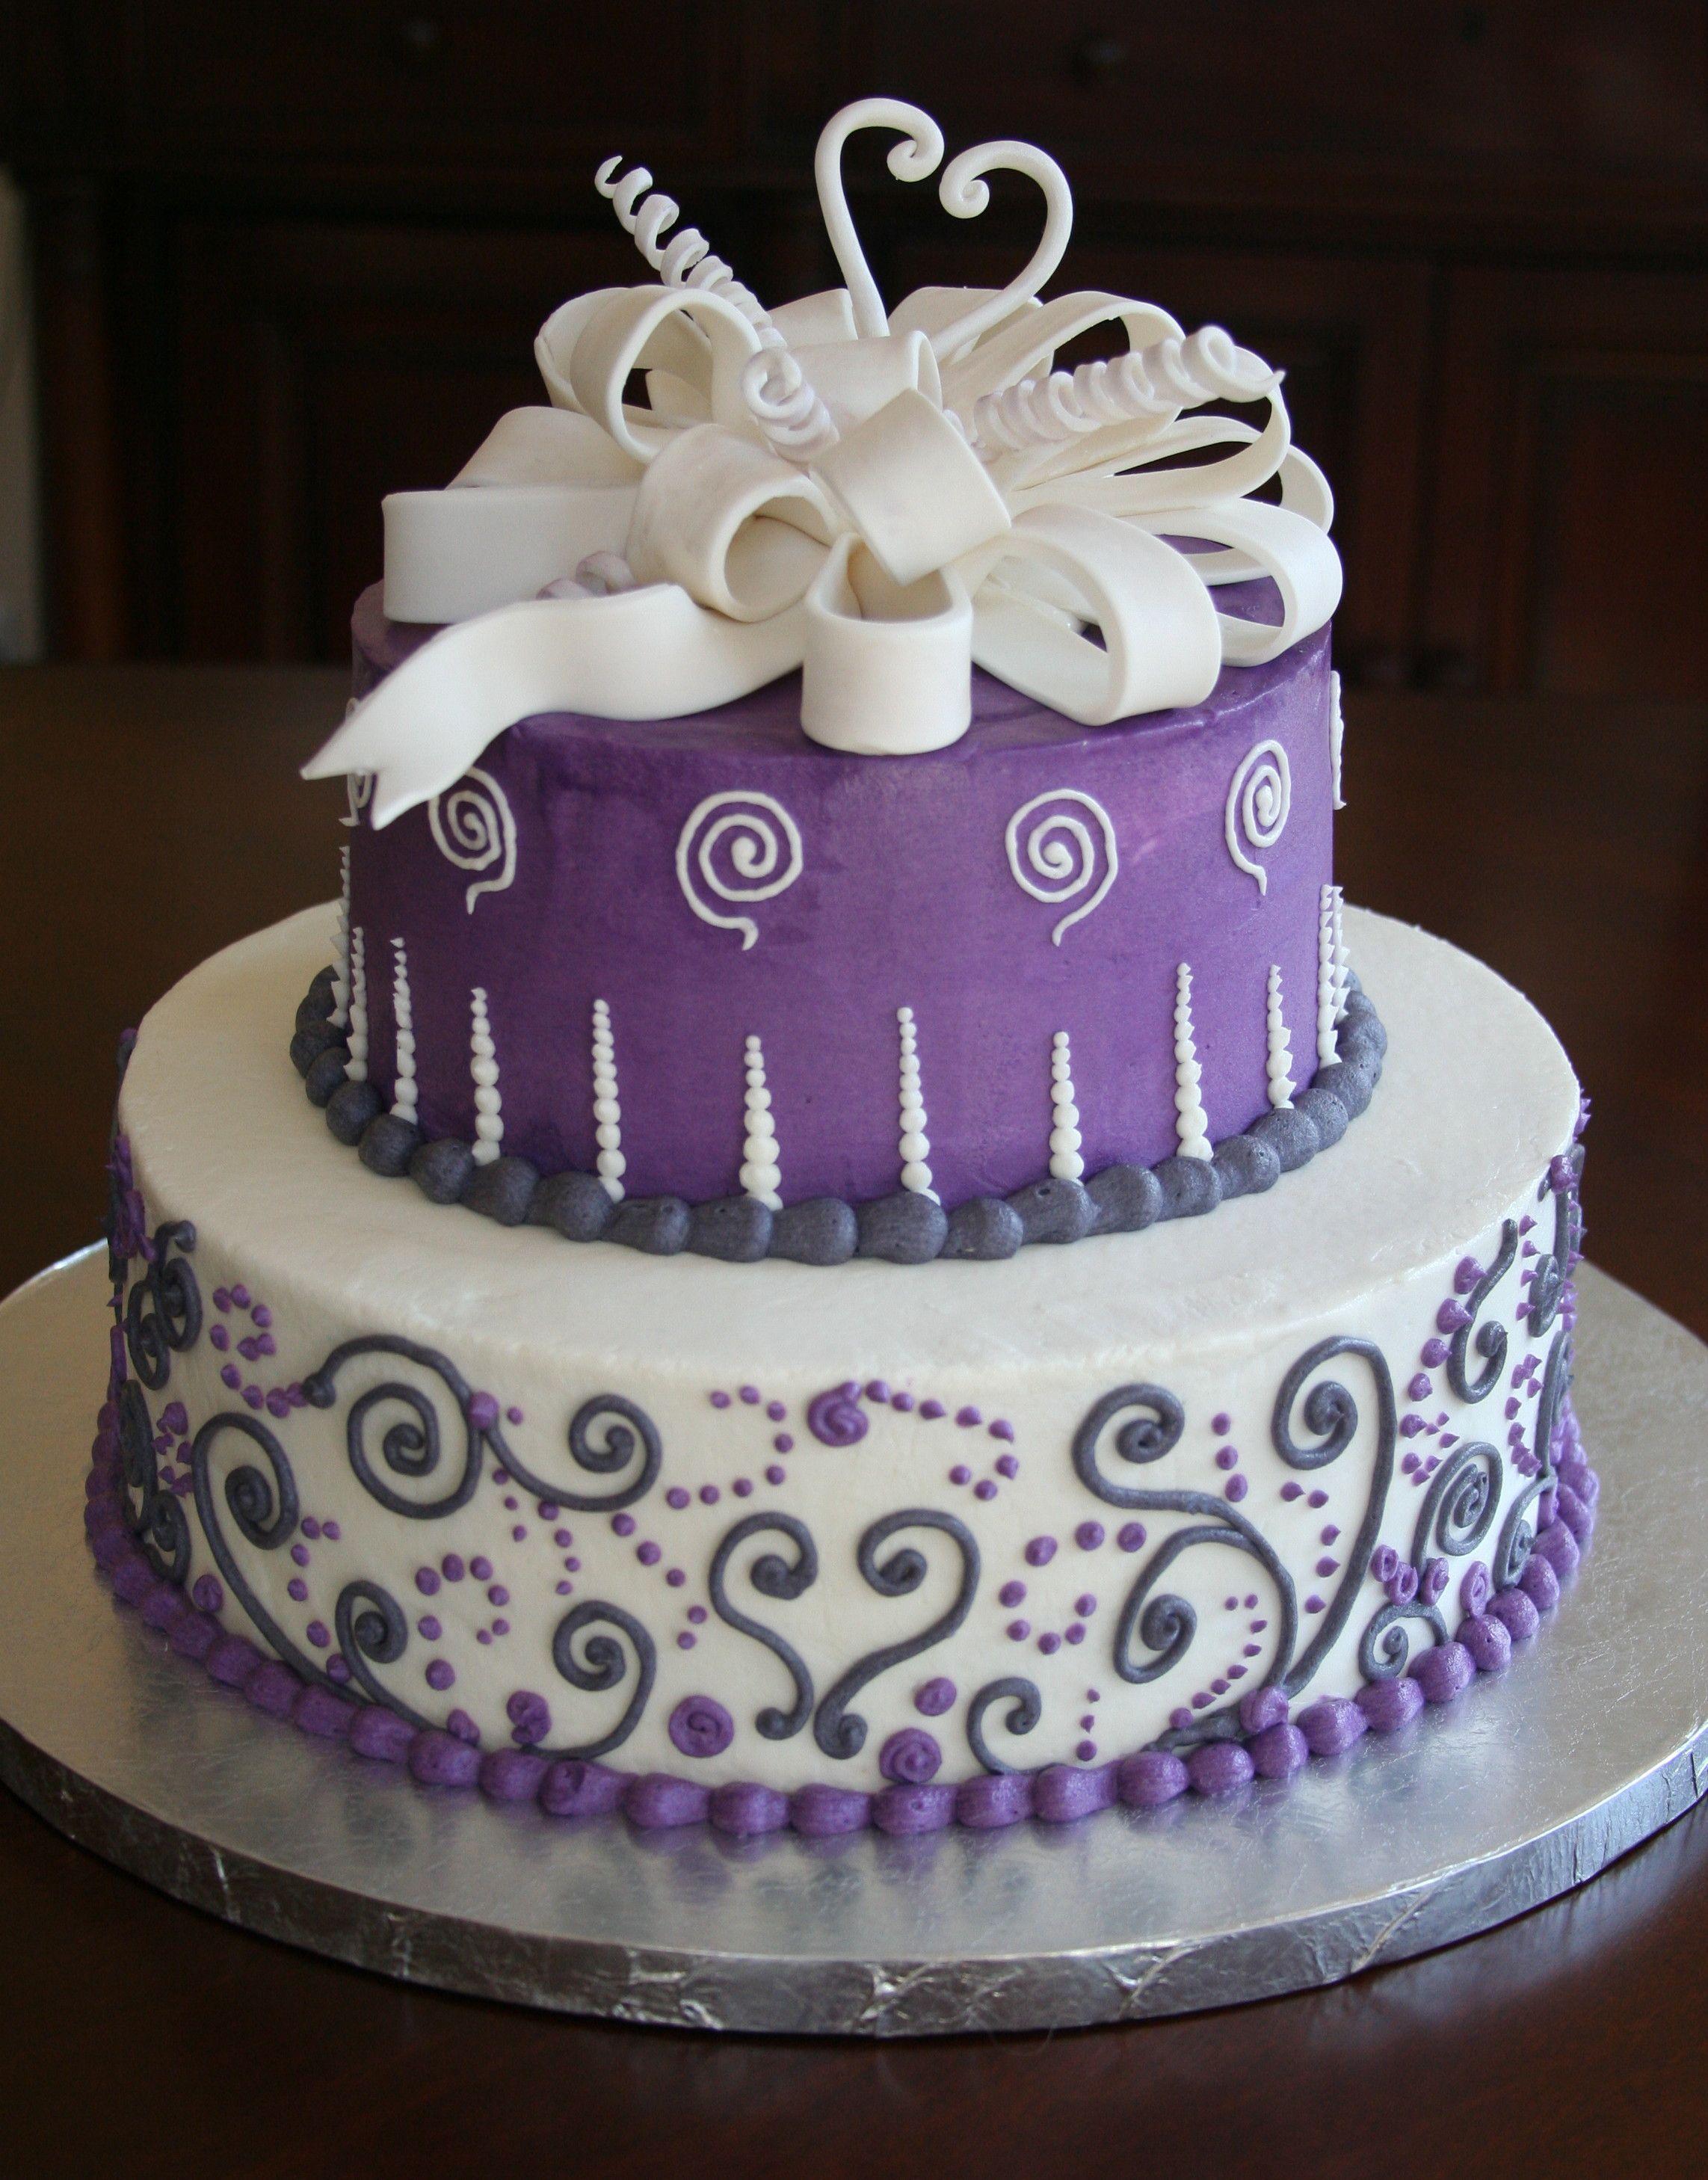 Bridal Shower cake - Fresh flowers - Ravens Bakery of